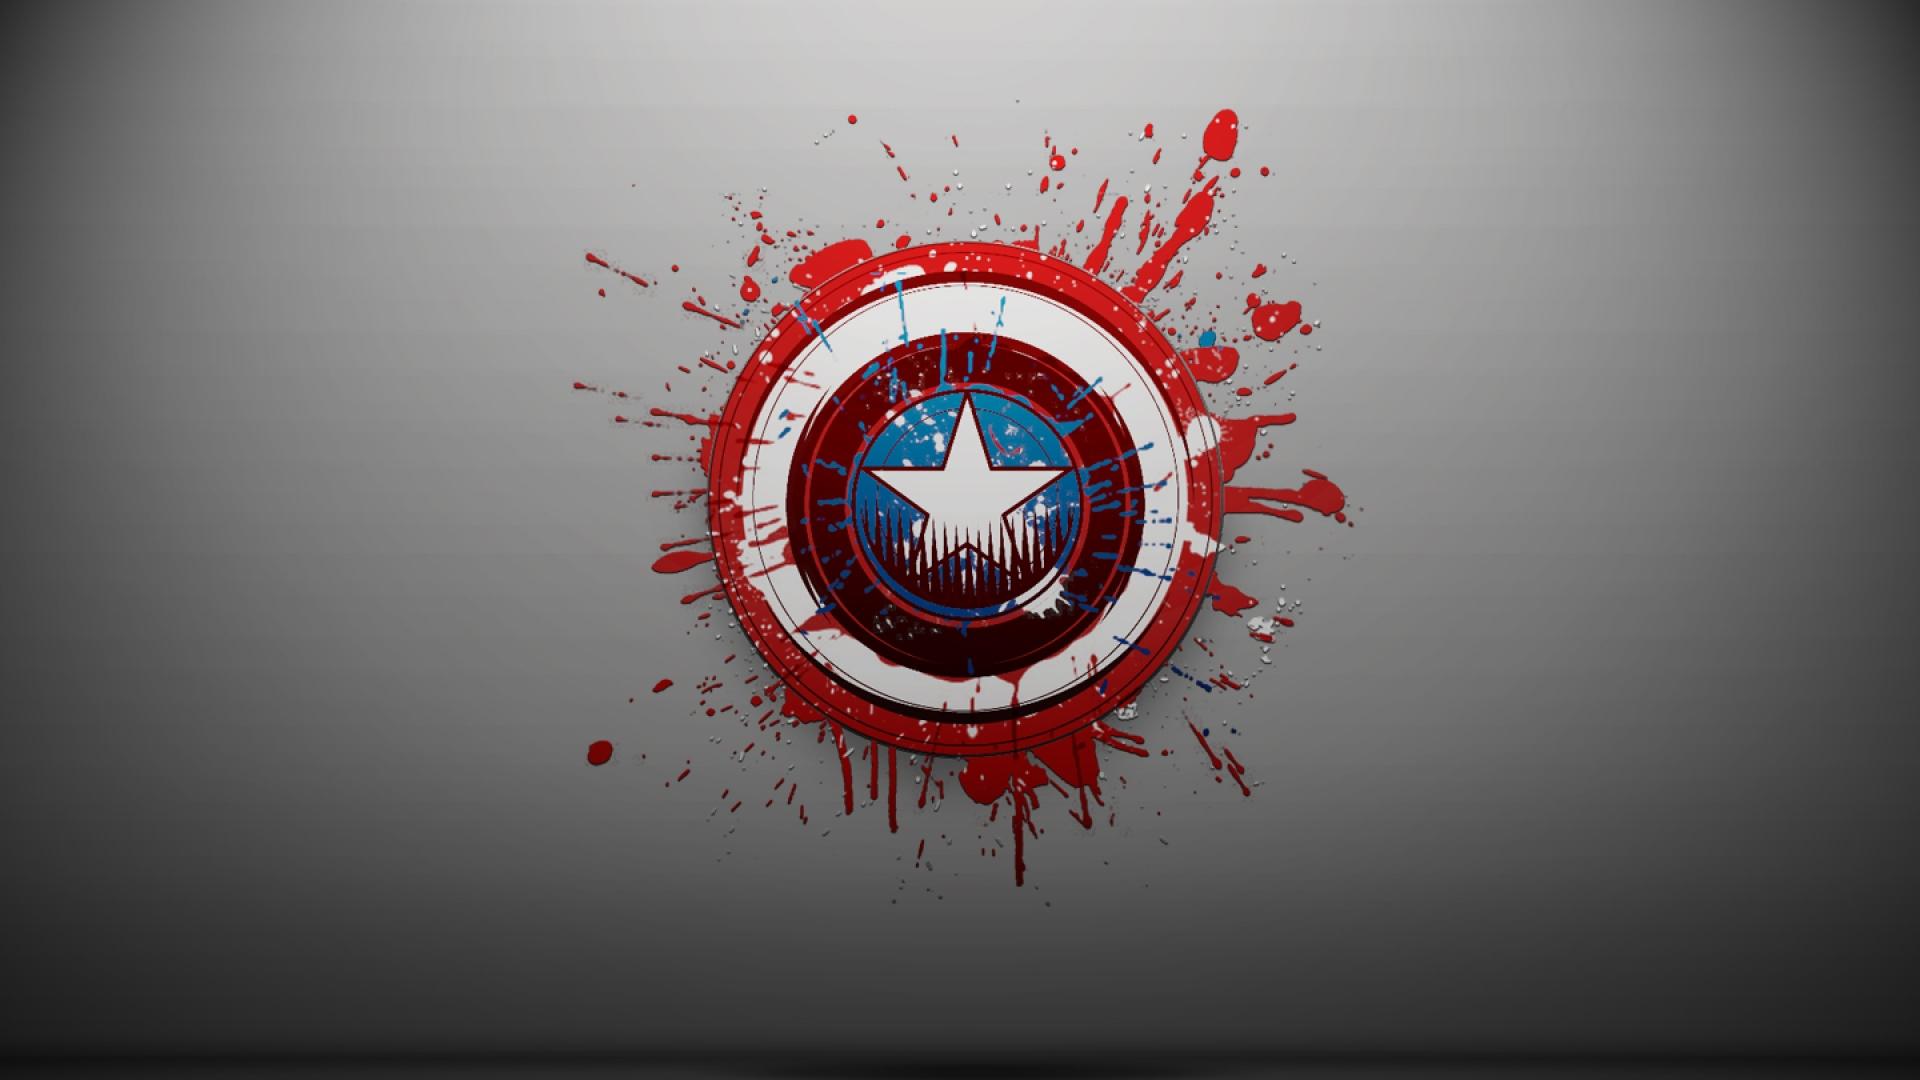 Hd Spiderman Logo Wallpaper 1920x1080